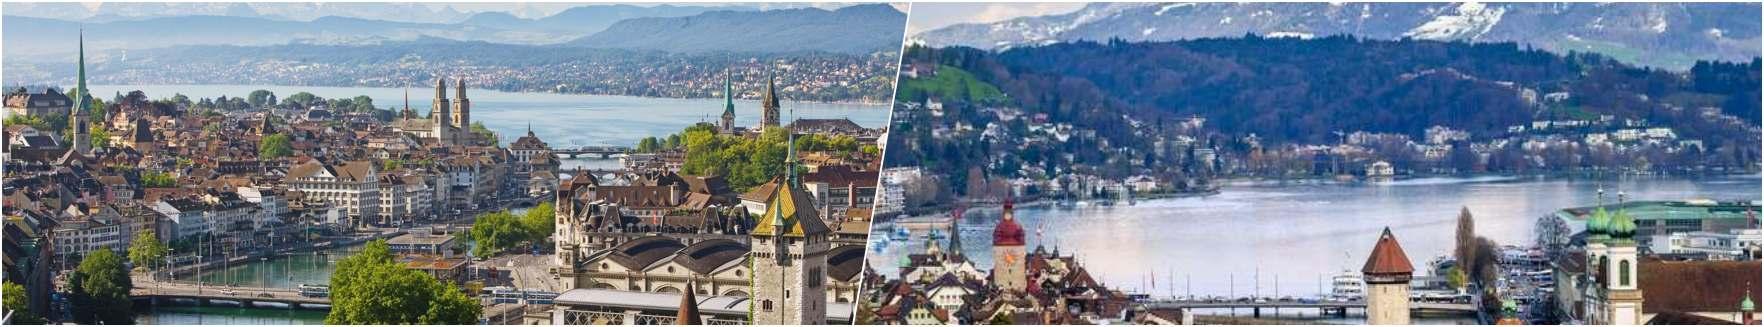 Zurich - Luzern